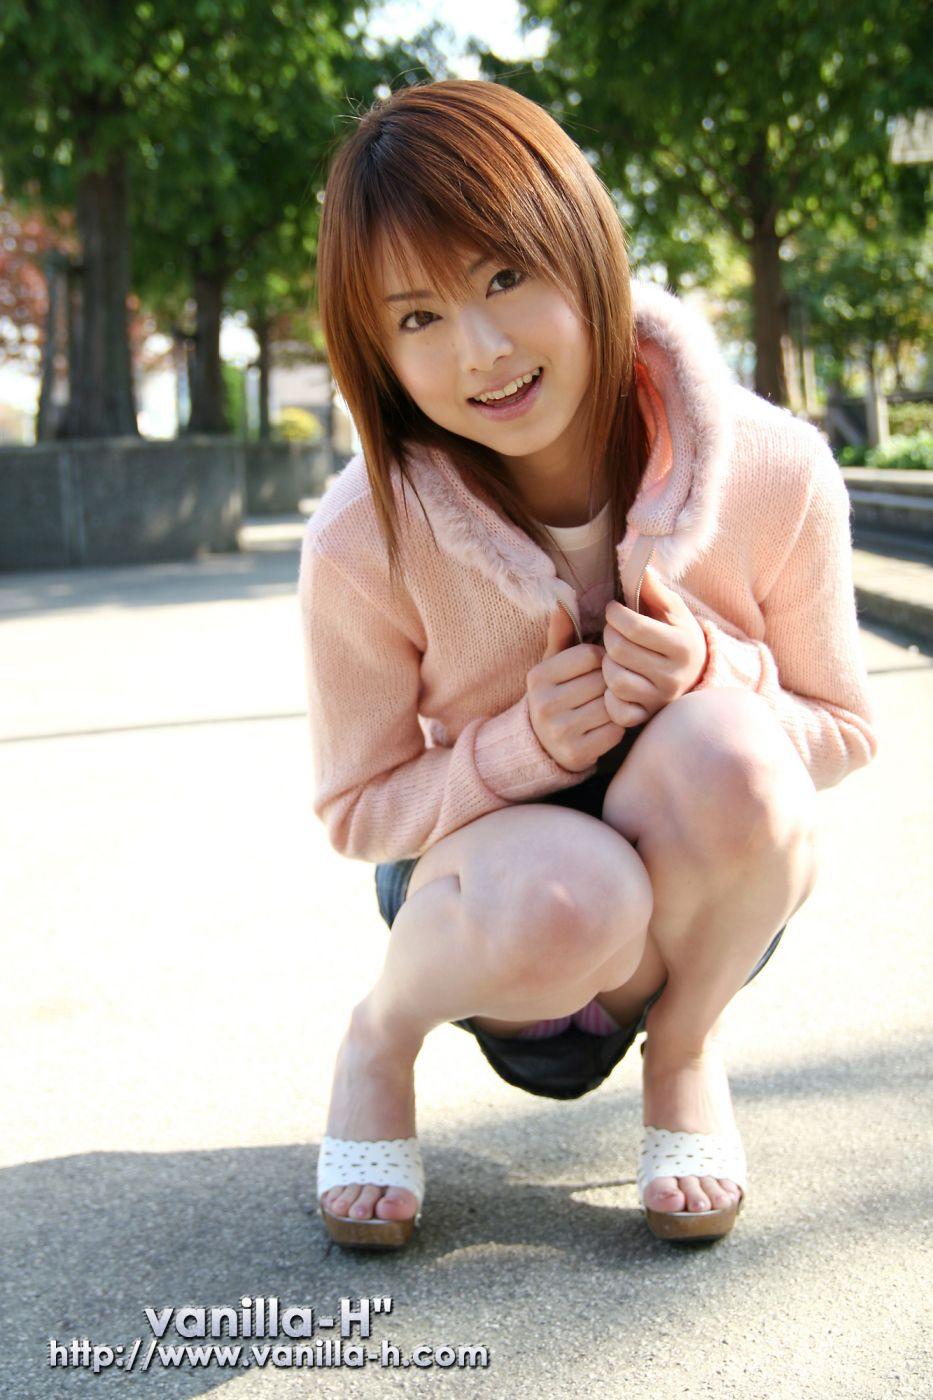 吉沢明歩 画像 28